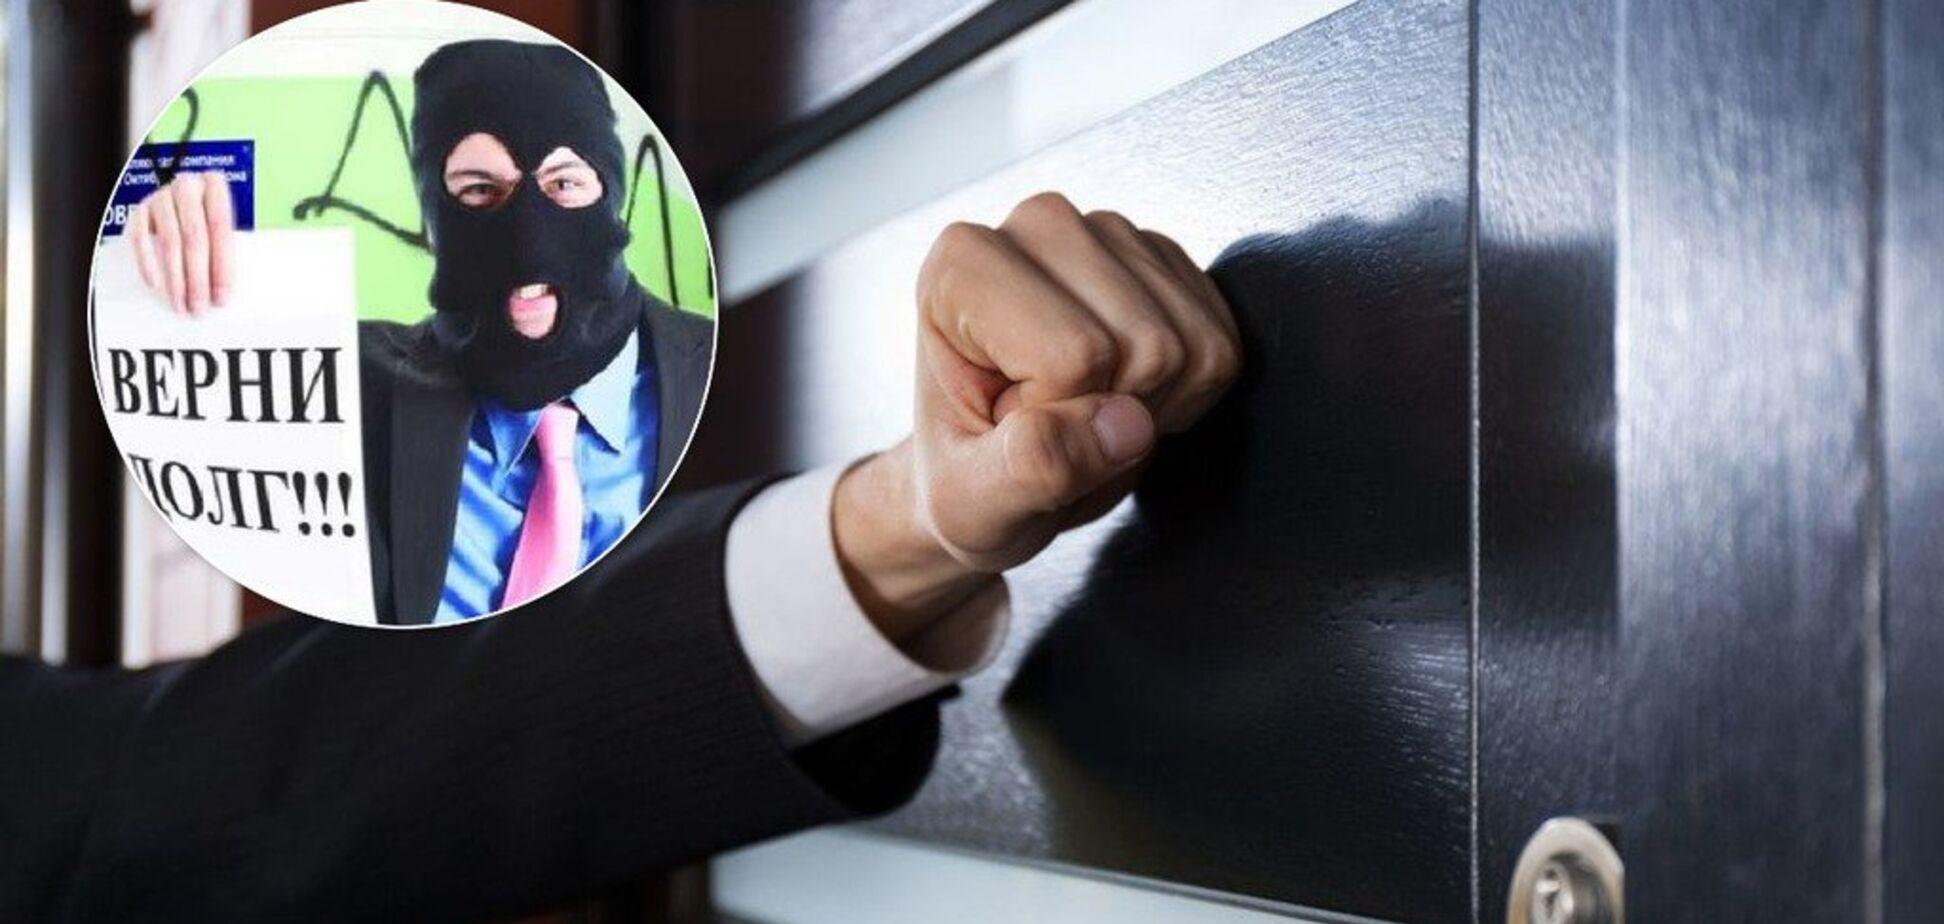 Колектори шантажують дітьми й порно: як над українцями знущаються за борги